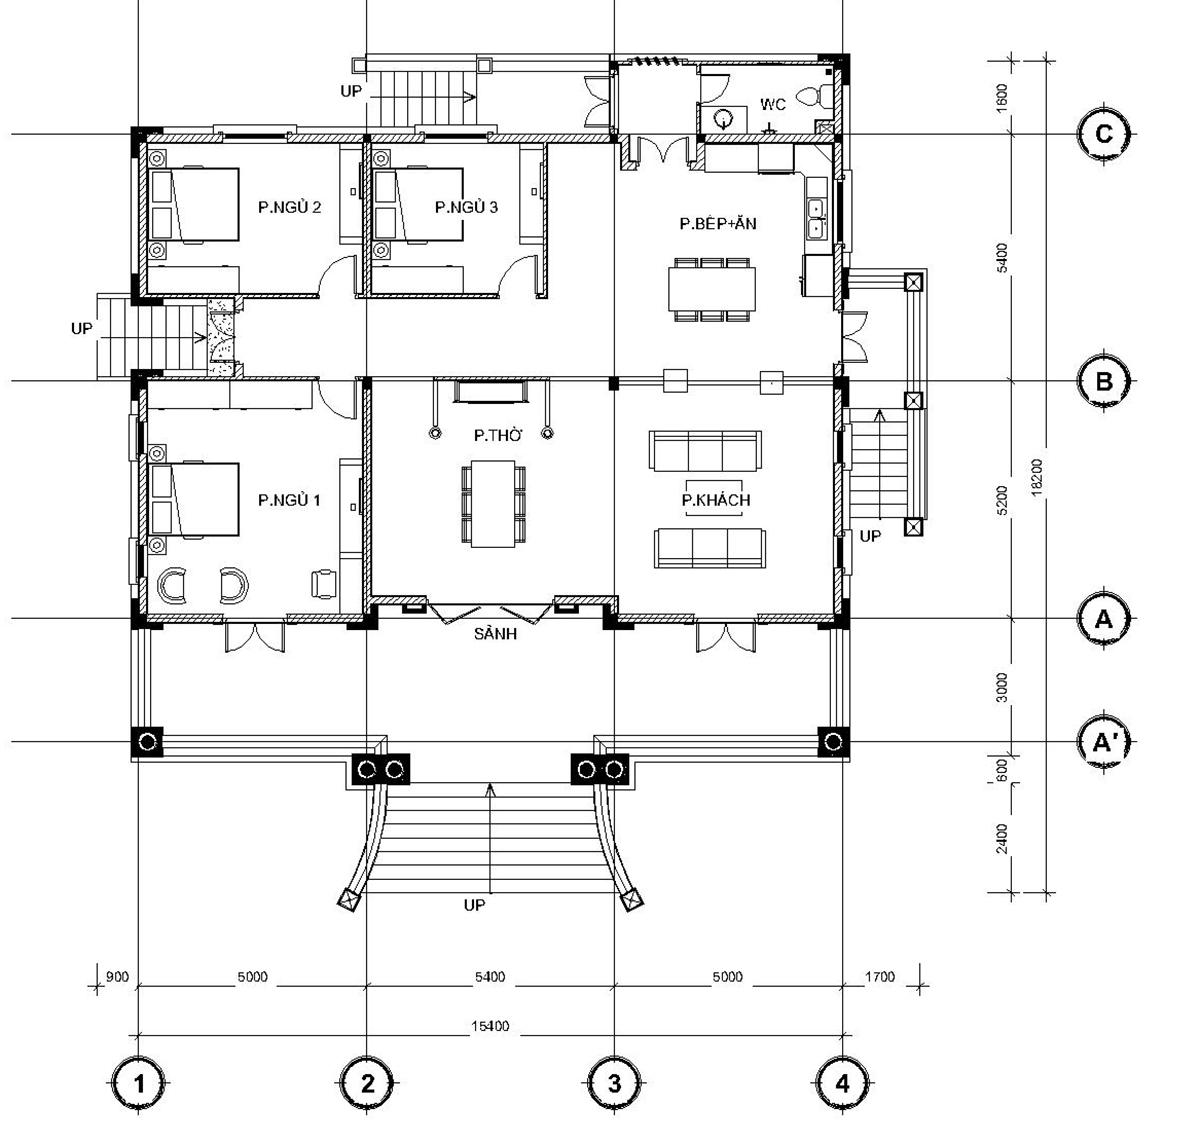 biệt thự mini nhà vường 1 tầng